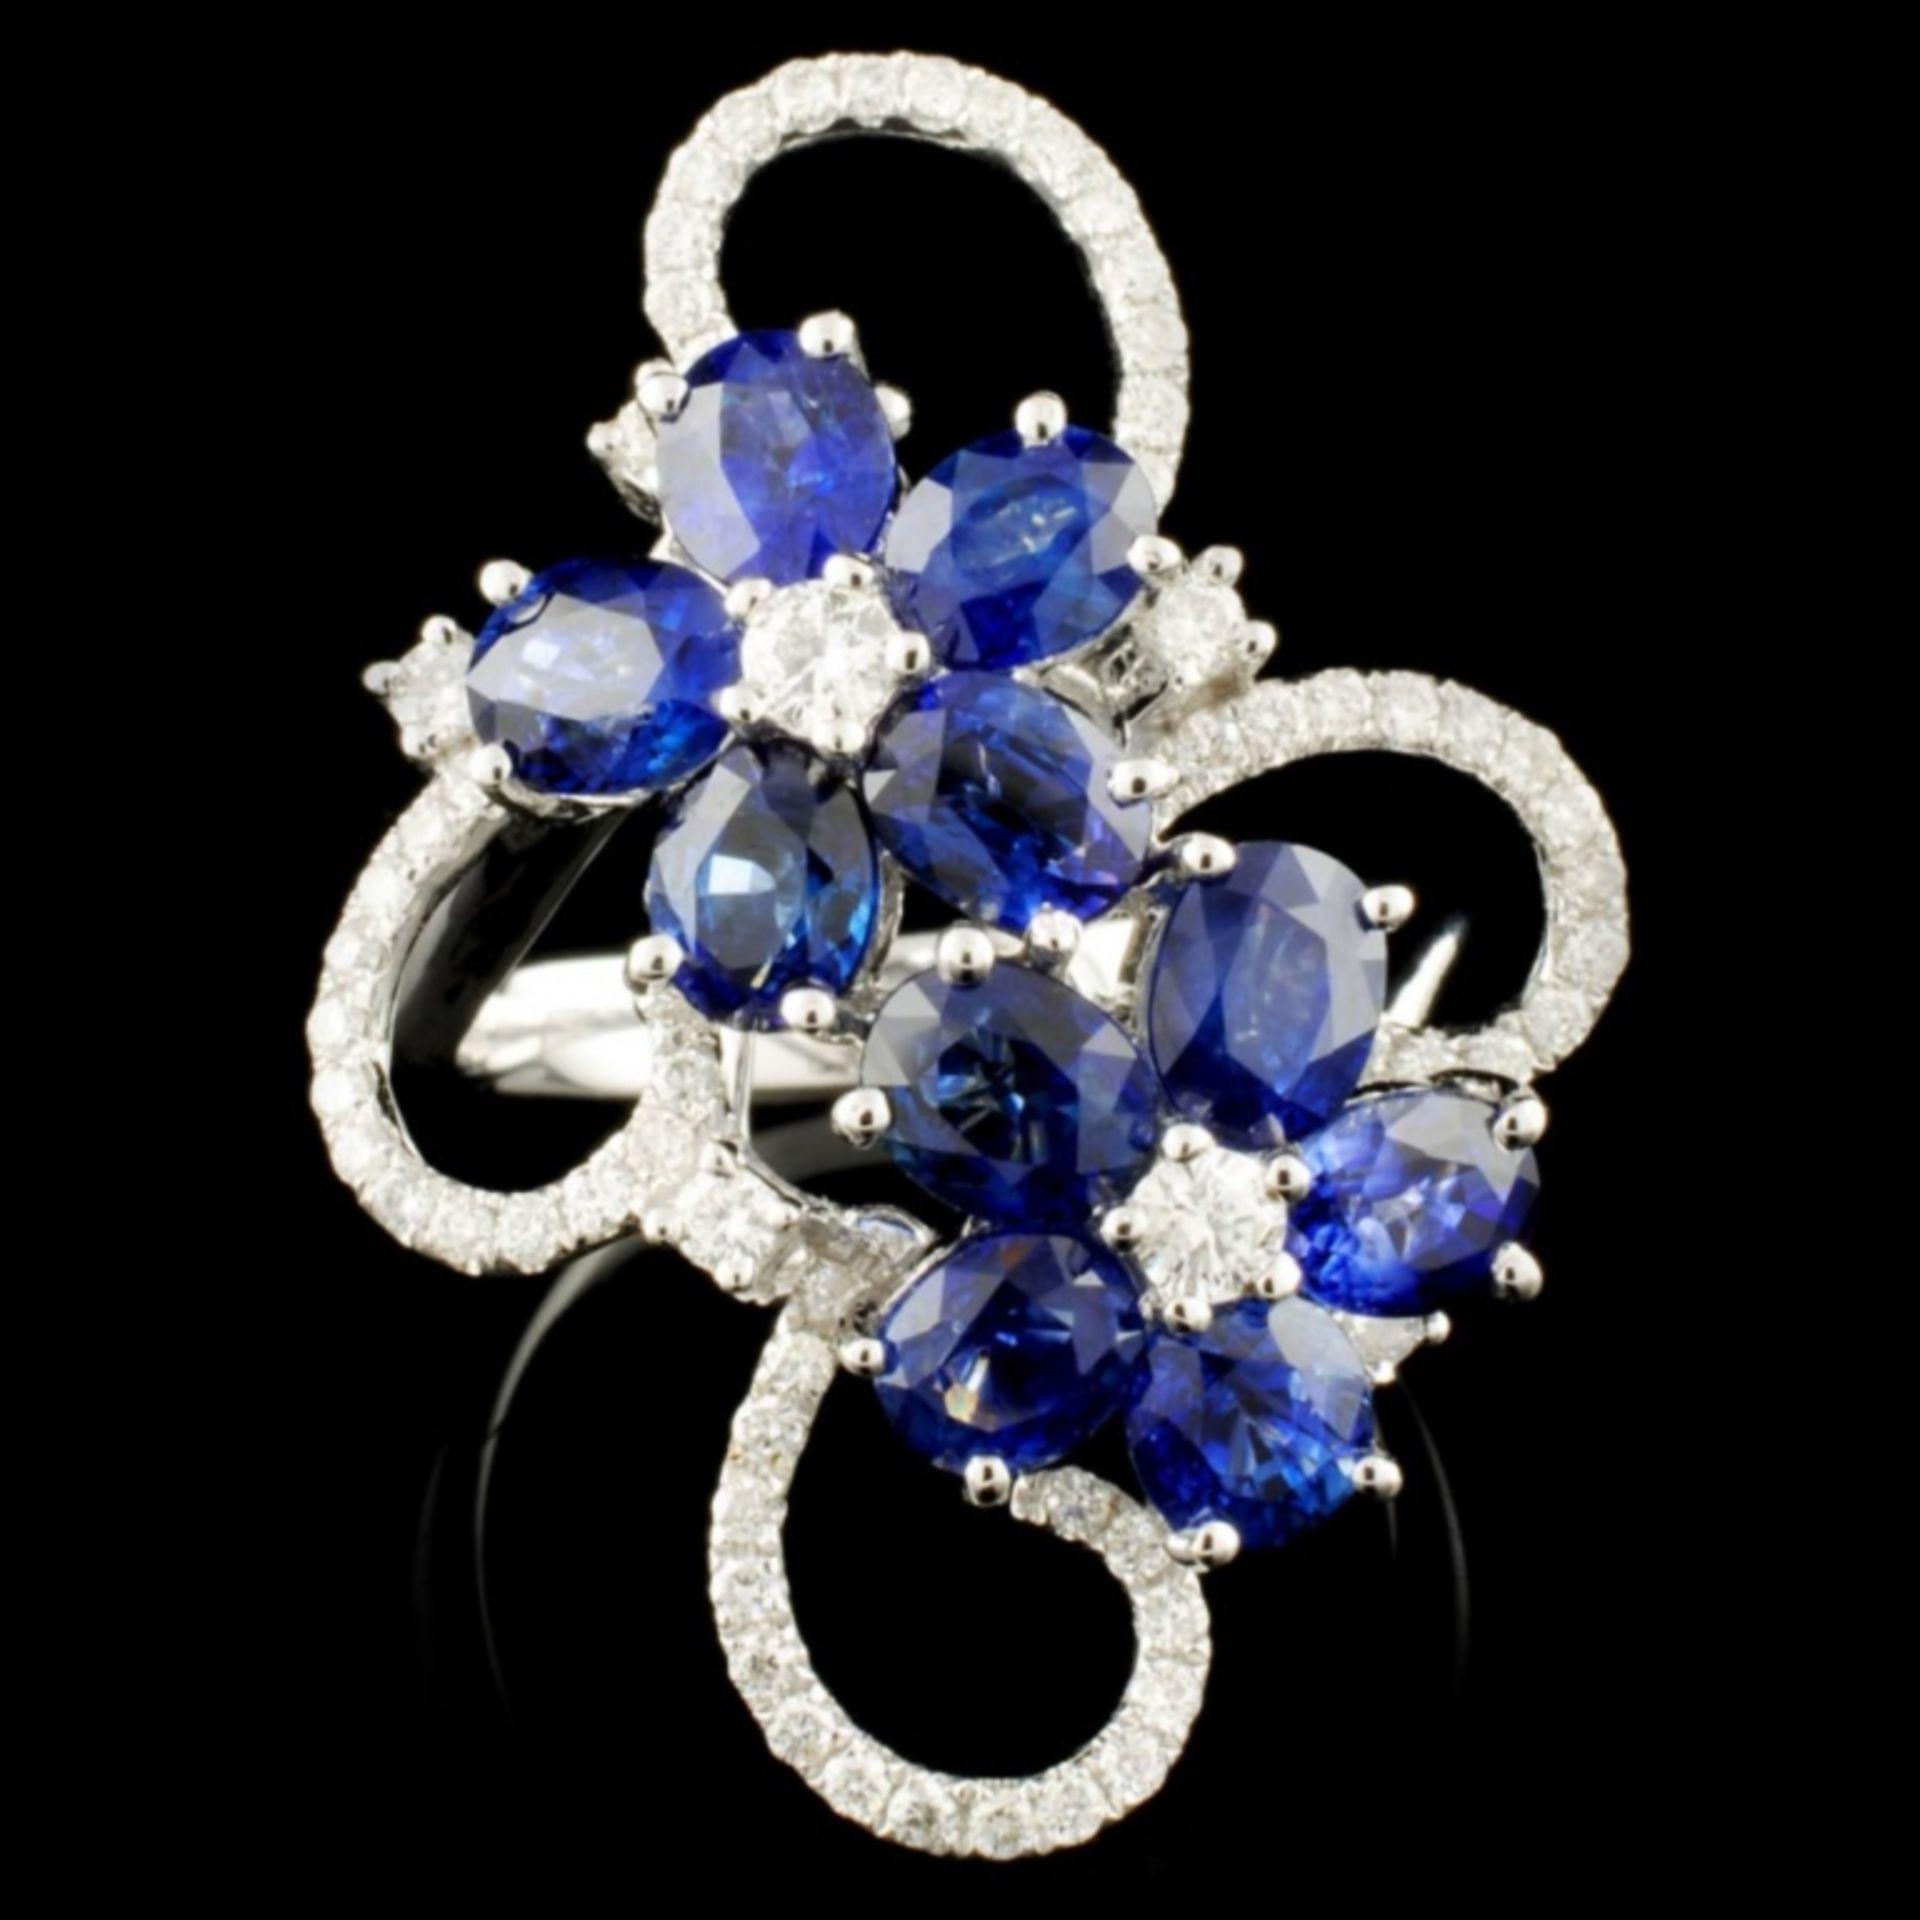 18K Gold 4.90ctw Sapphire & 0.68ctw Diamond Ring